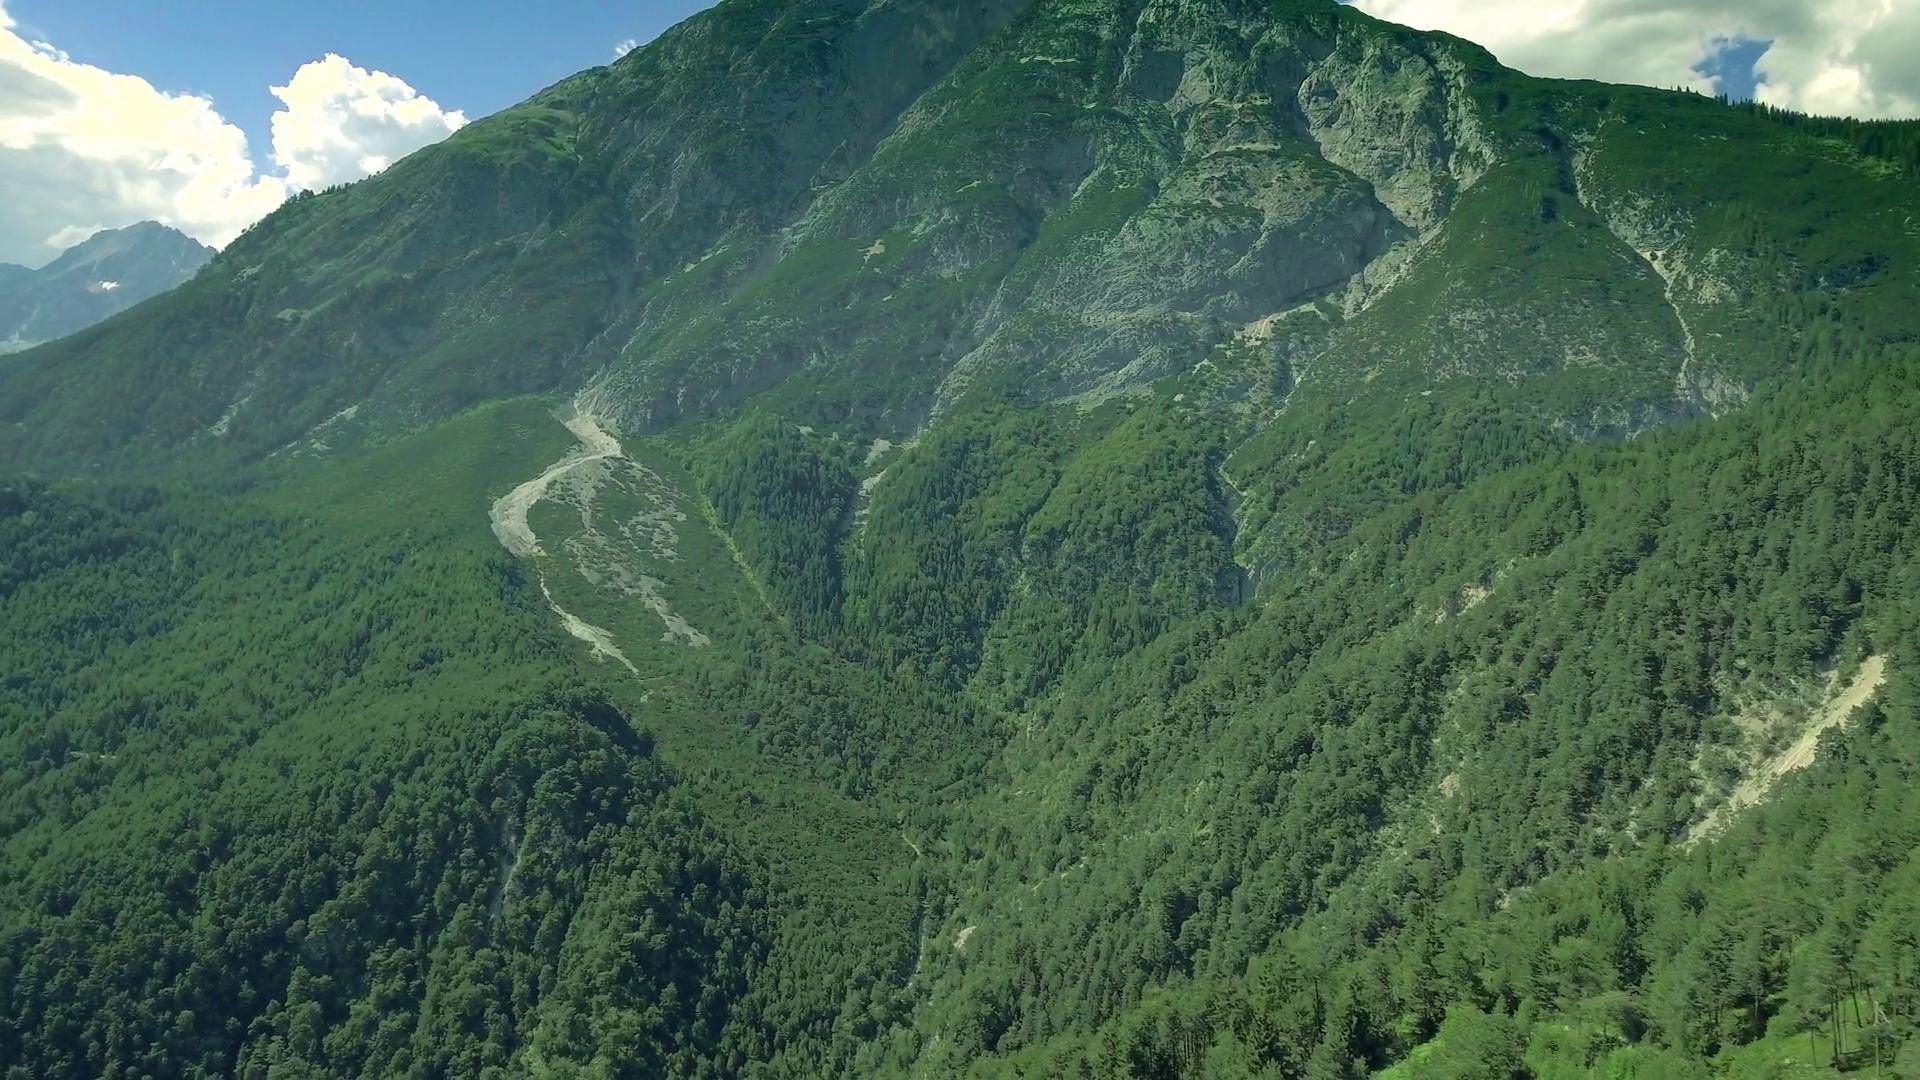 Mountains range green large lush forest skyline Austria Alps horizon ...